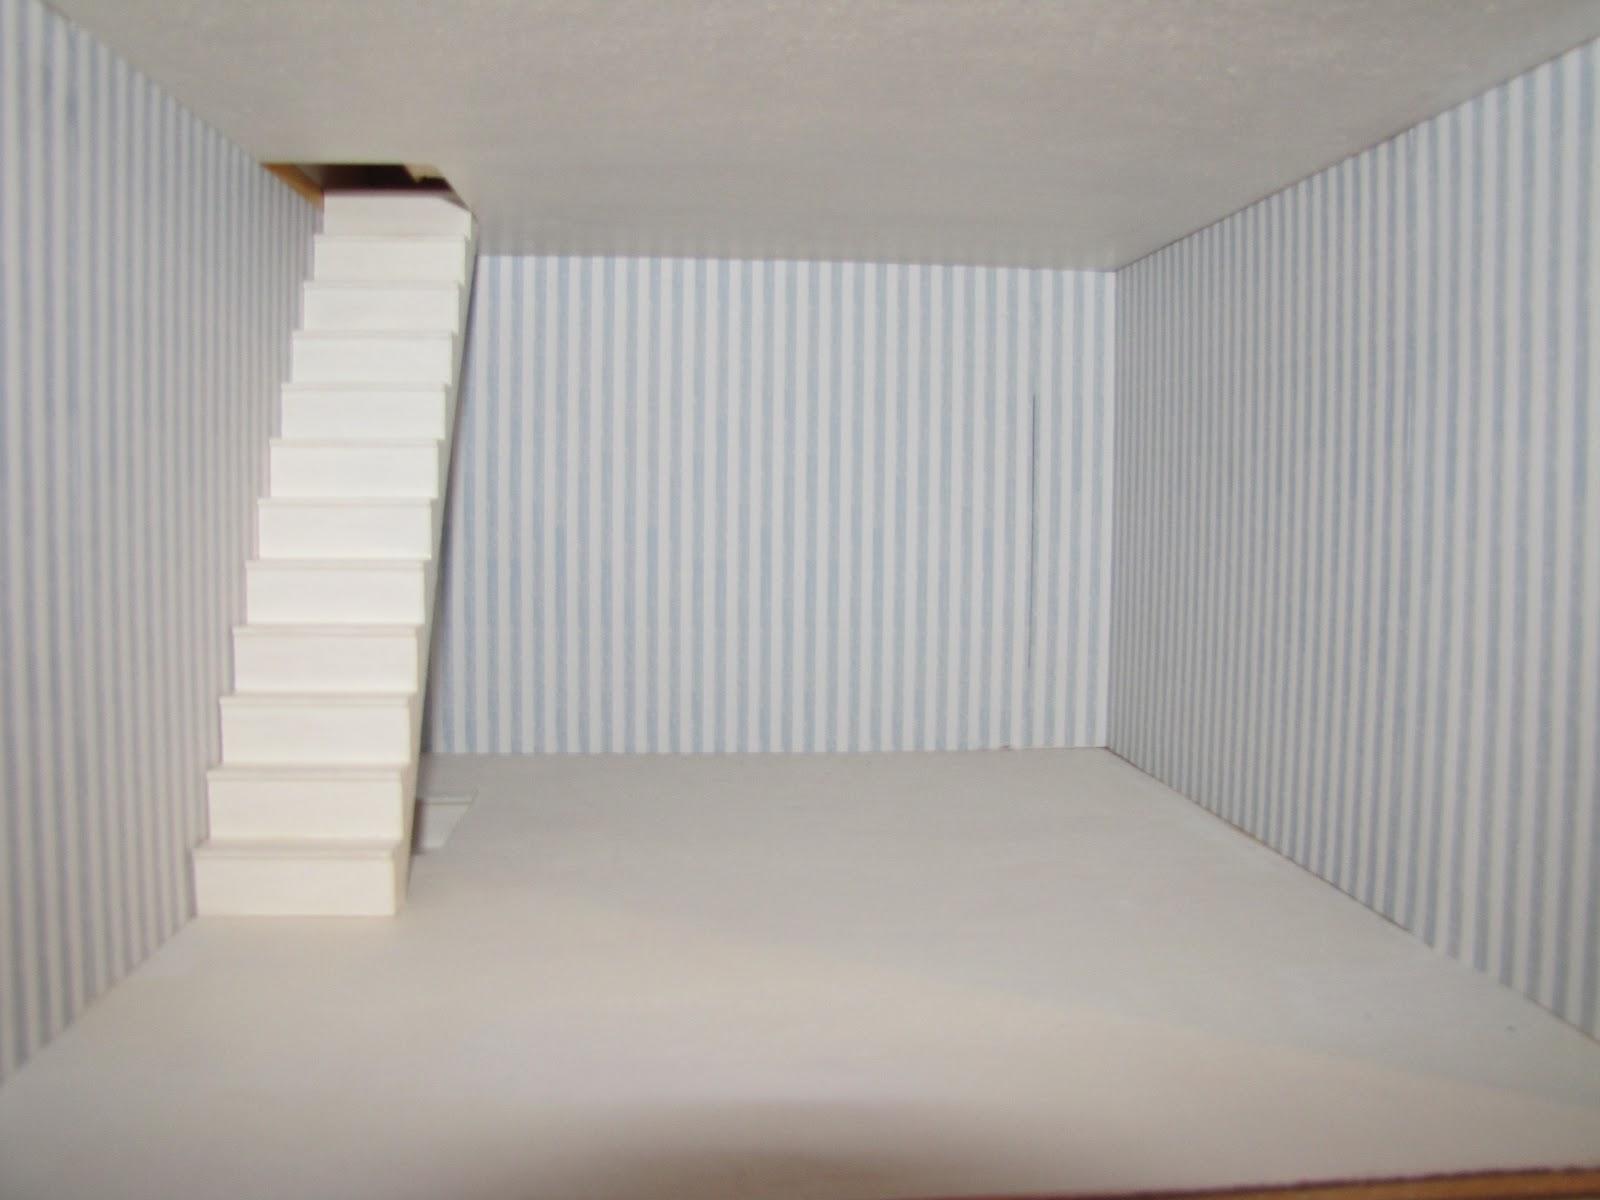 Behang Voor Slaapkamer : Casa dida behang slaapkamer